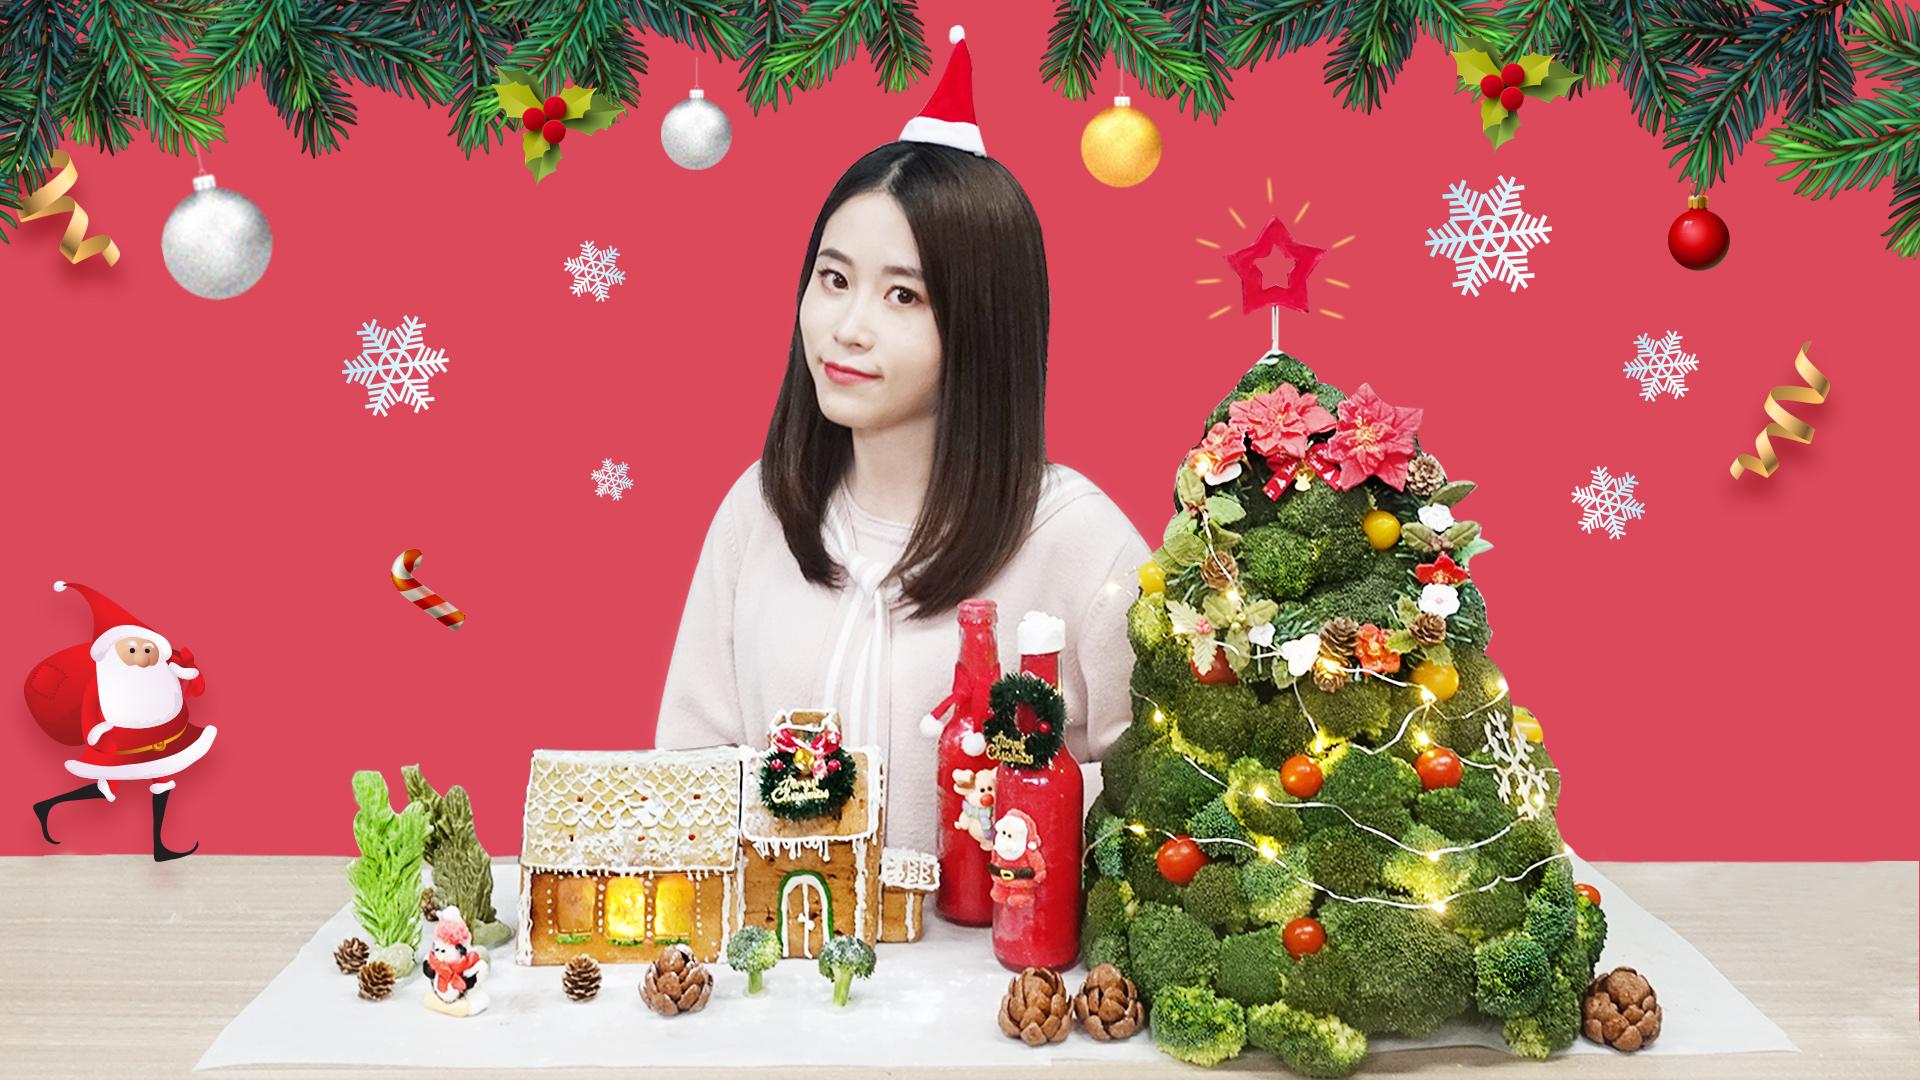 办公室小野圣诞宴,苹果超大,还有更多礼品等你来拿!